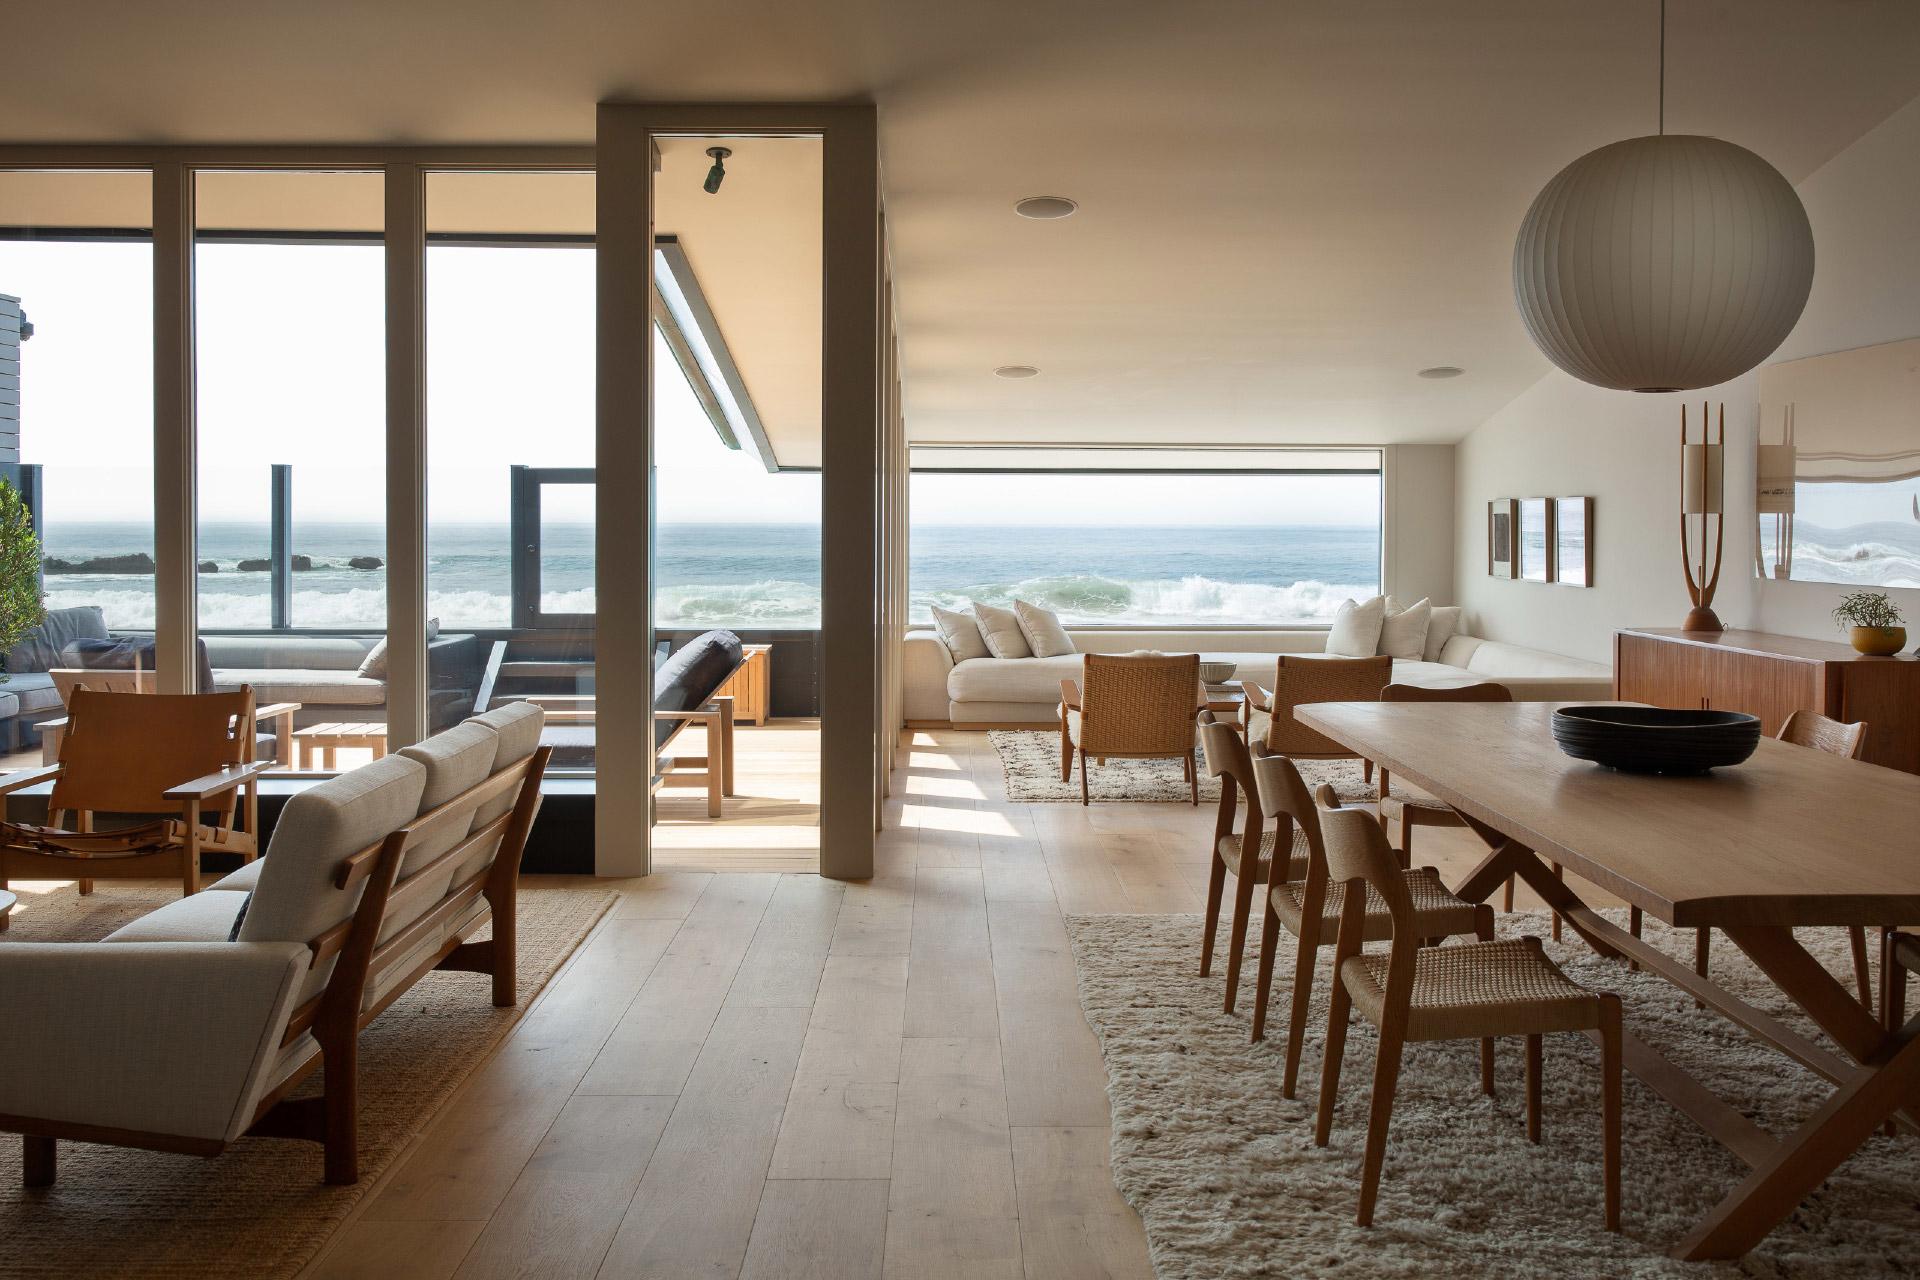 Jason Statham's Malibu Beach House